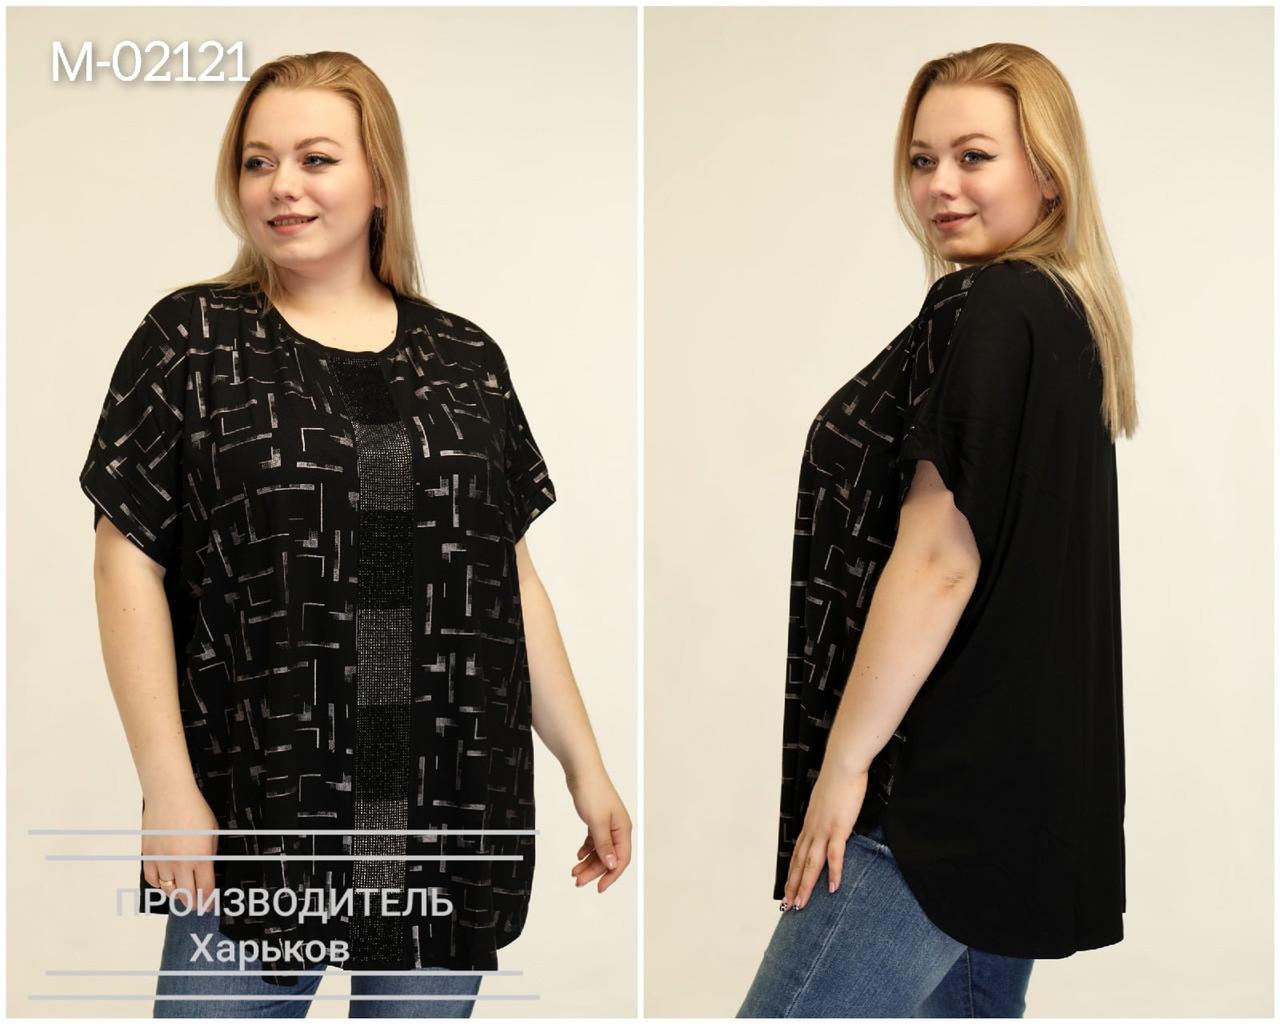 Женская футболка летняя большого размера Размеры: 64-66,68-70,72-74